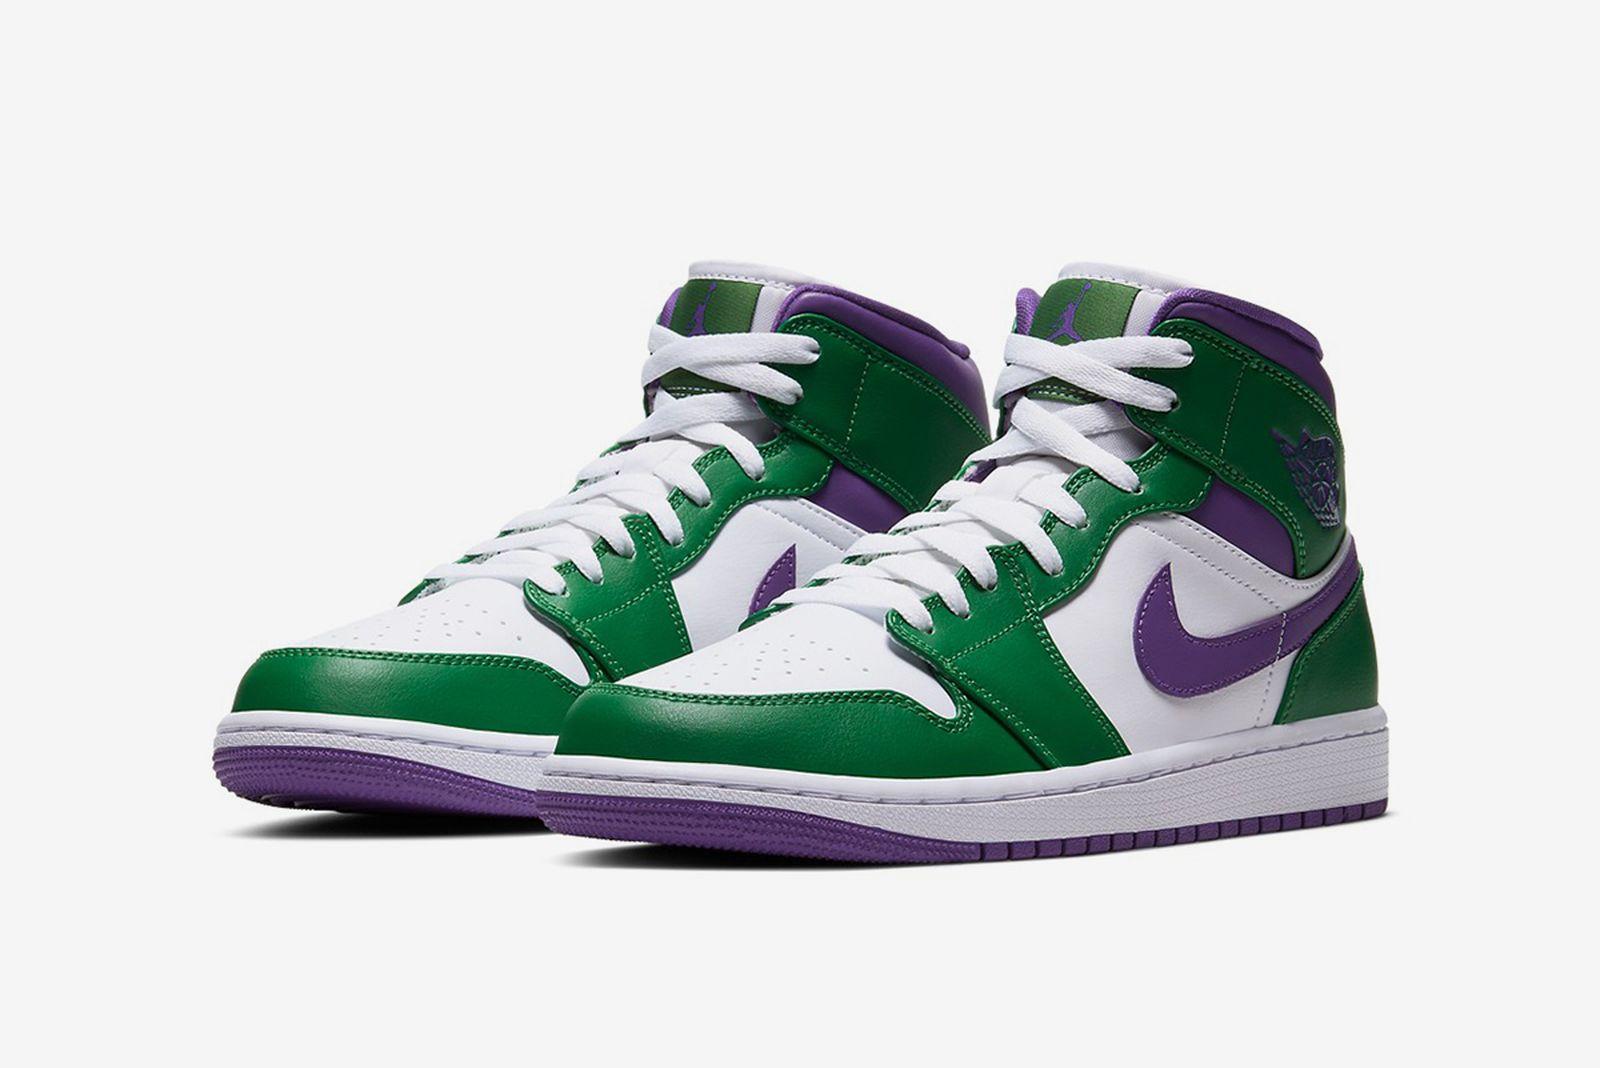 Nike Air Jordan 1 Mid Incredible Hulk